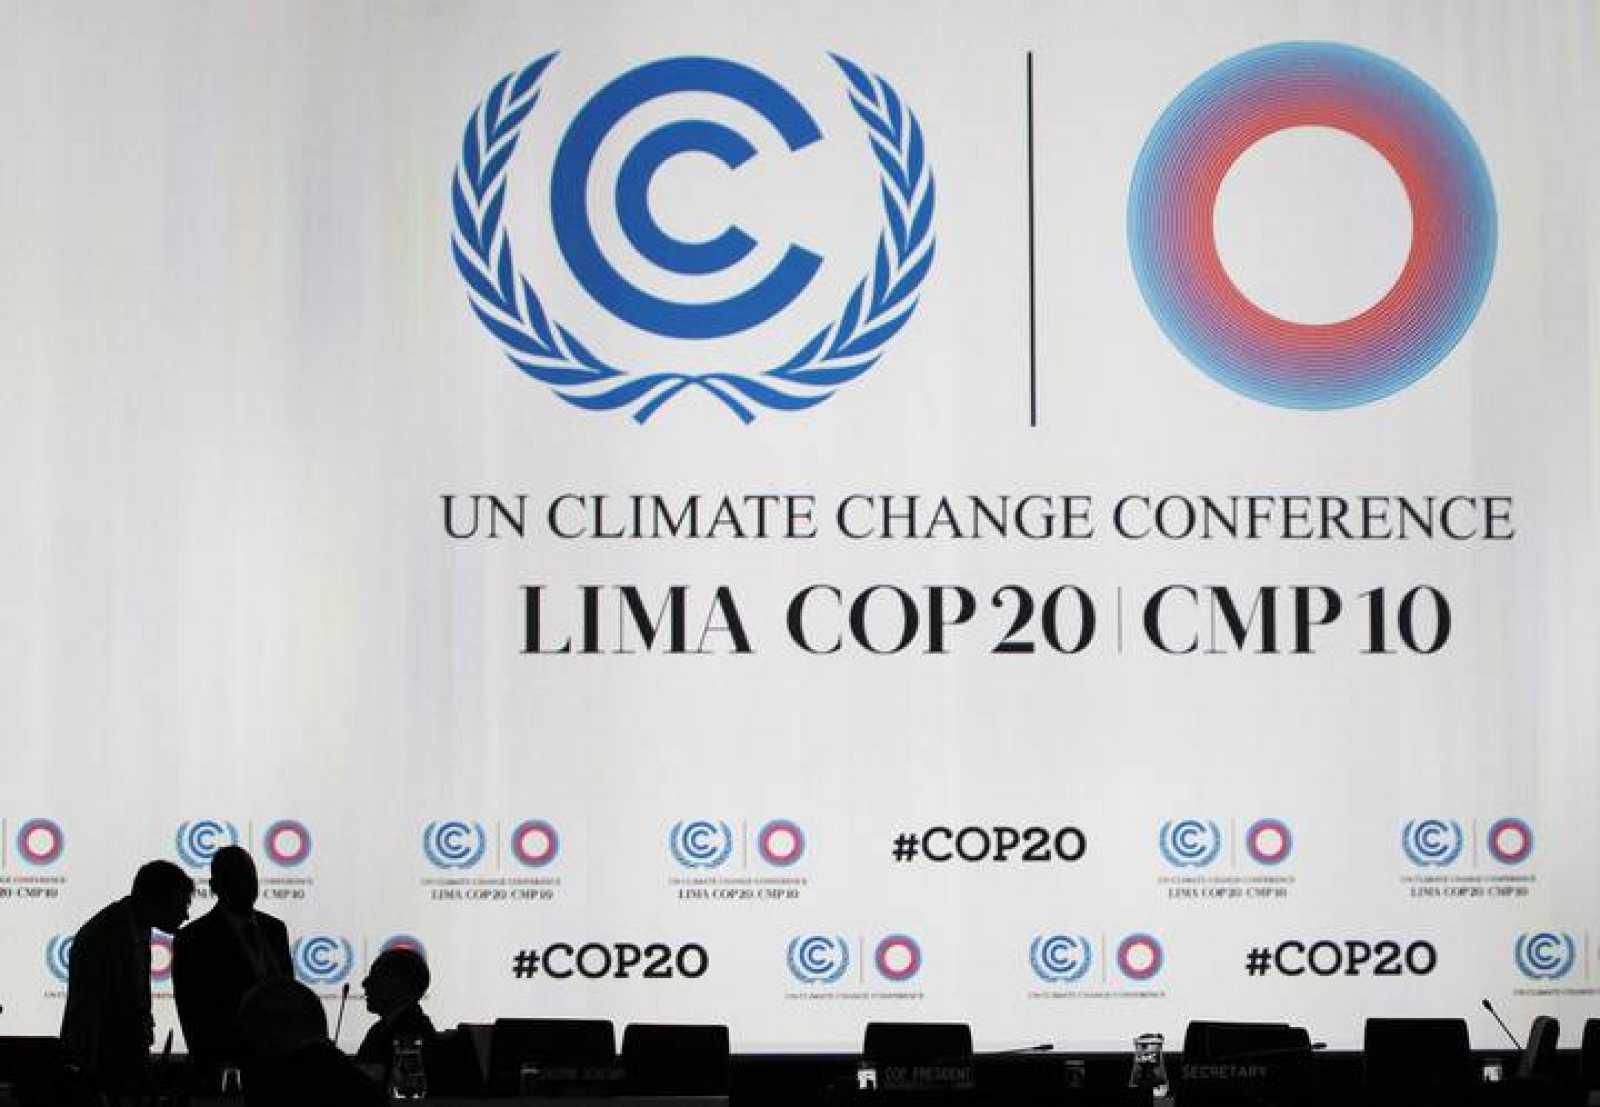 Los delegados hablan durante un descanso en una sesión plenaria de la Conferencia sobre el Cambio Climático en Lima.